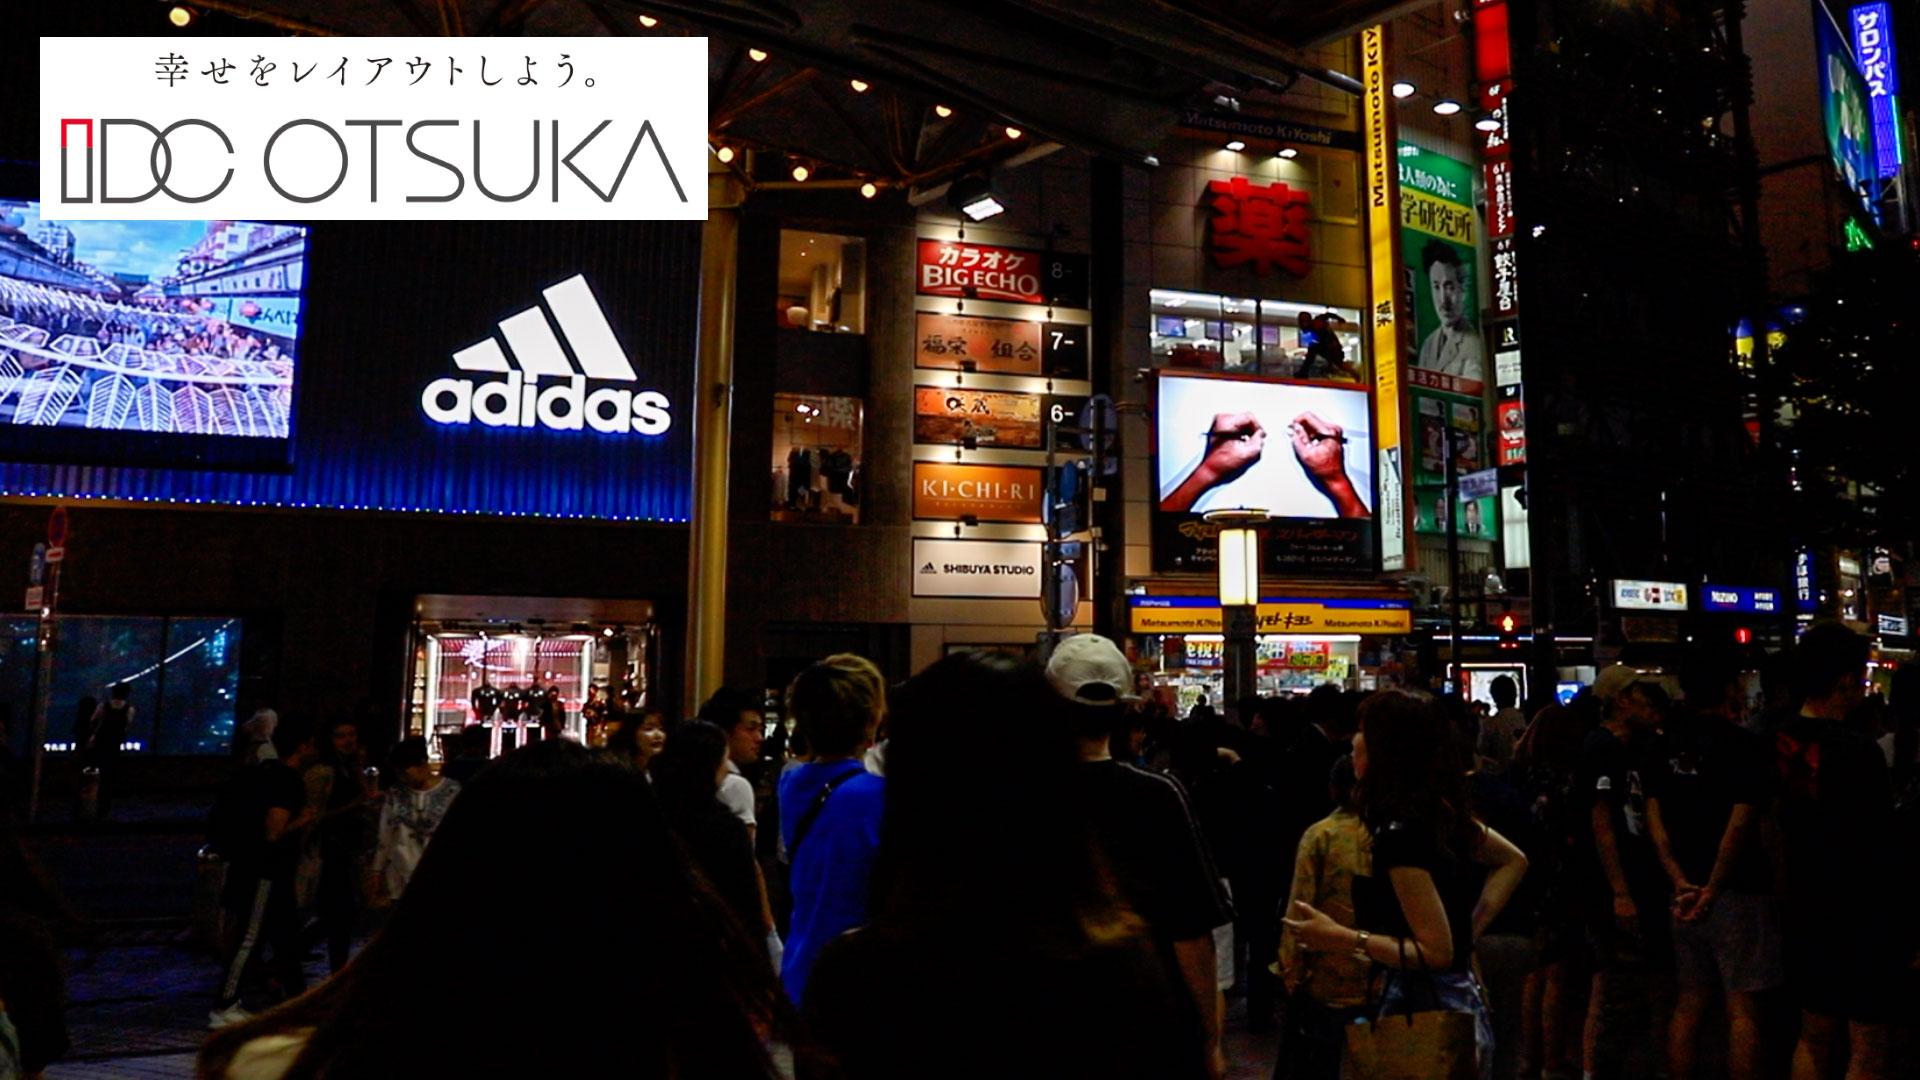 大塚家具 新宿ショールーム20周年記念ムービー(渋谷MKビジョン)